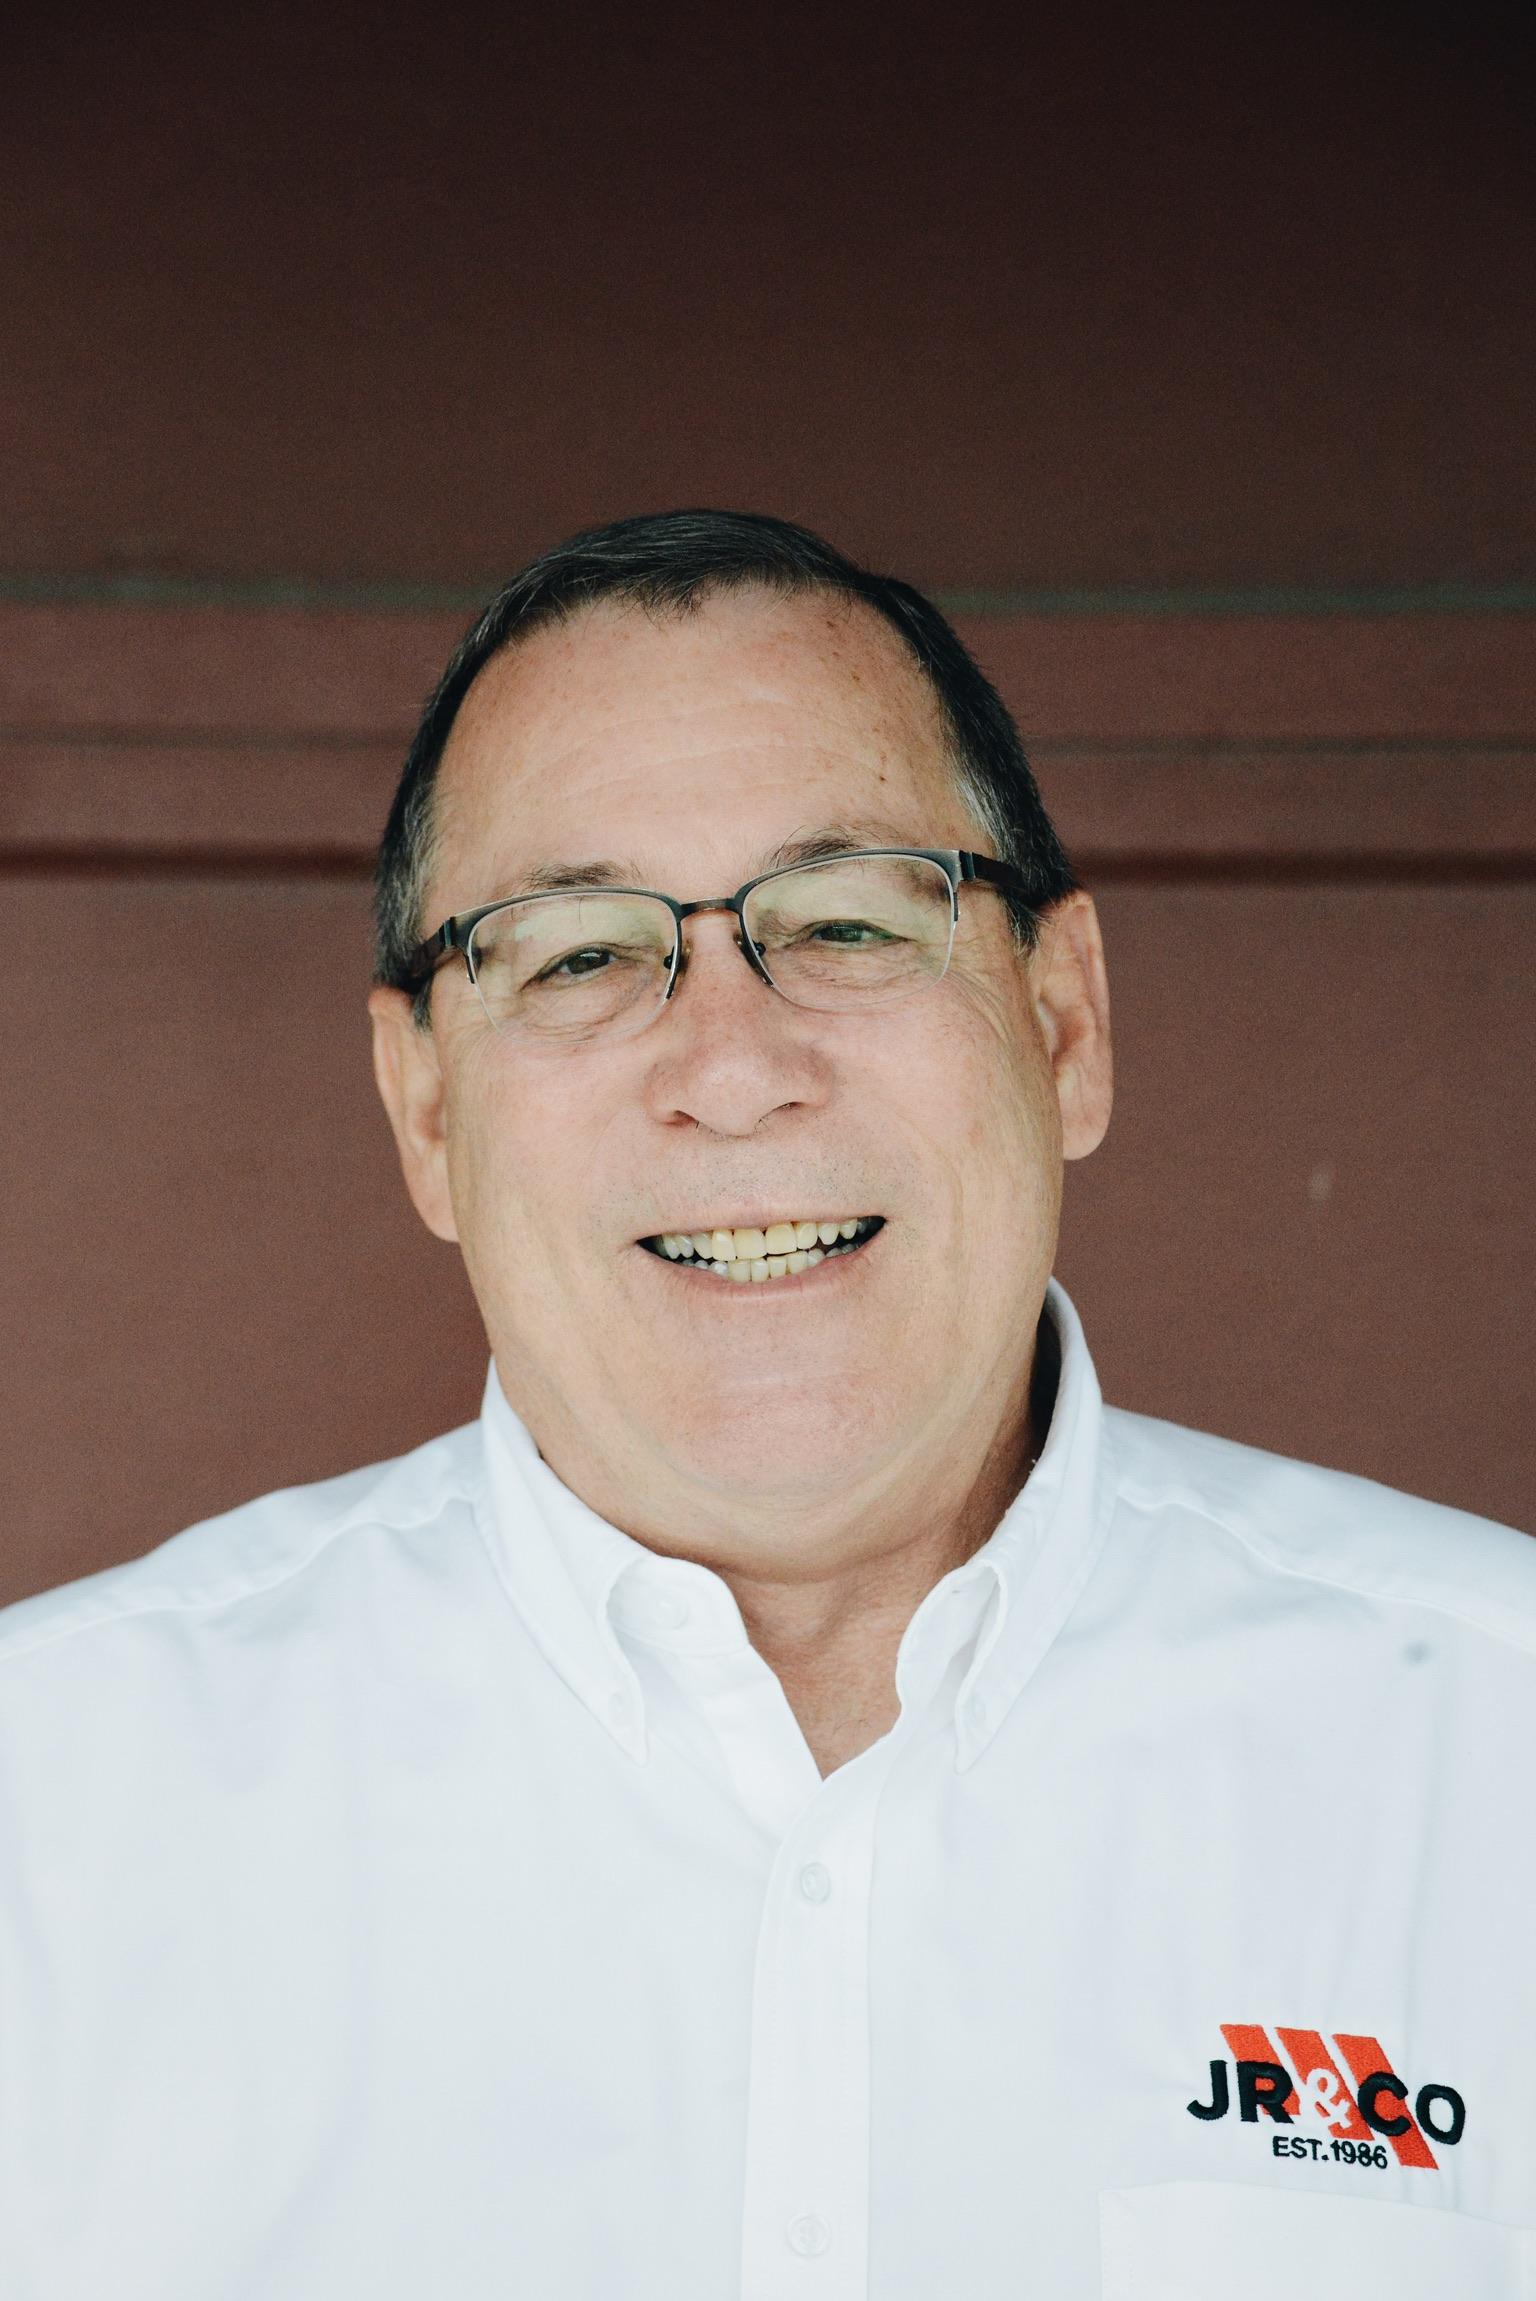 Phil Koesterer - Director of General Construction